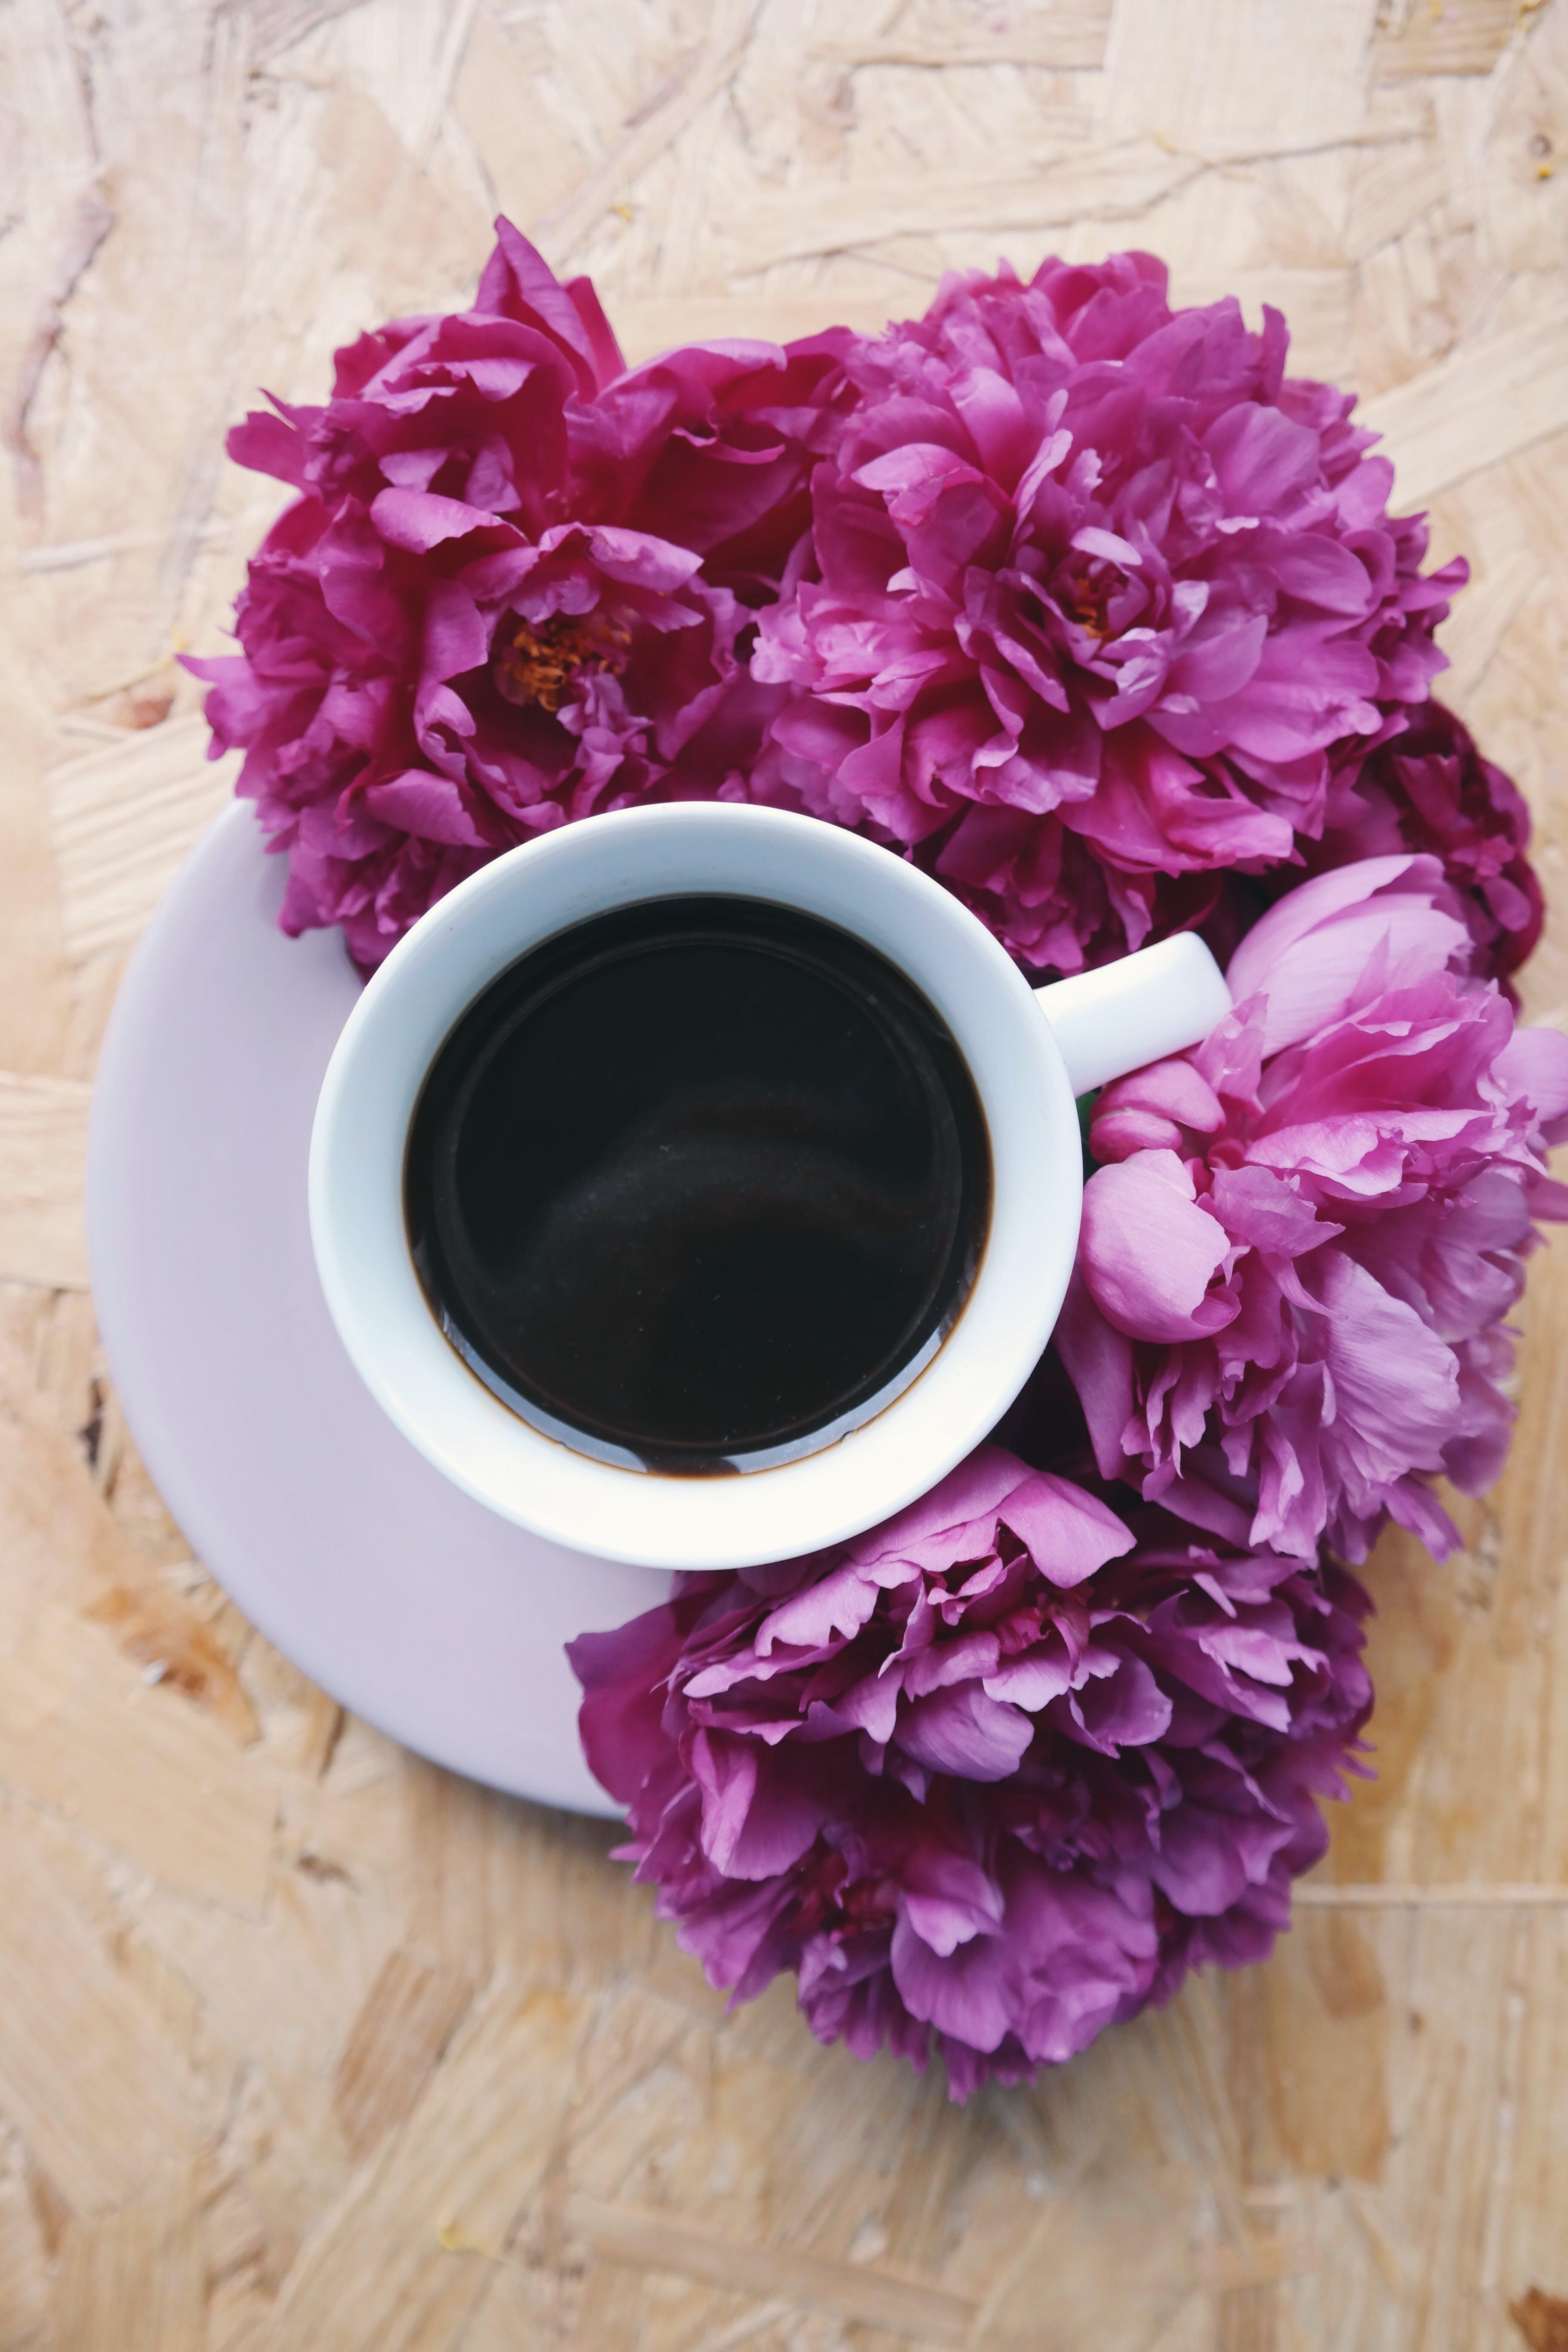 aromatisch, blumen, blütenblätter